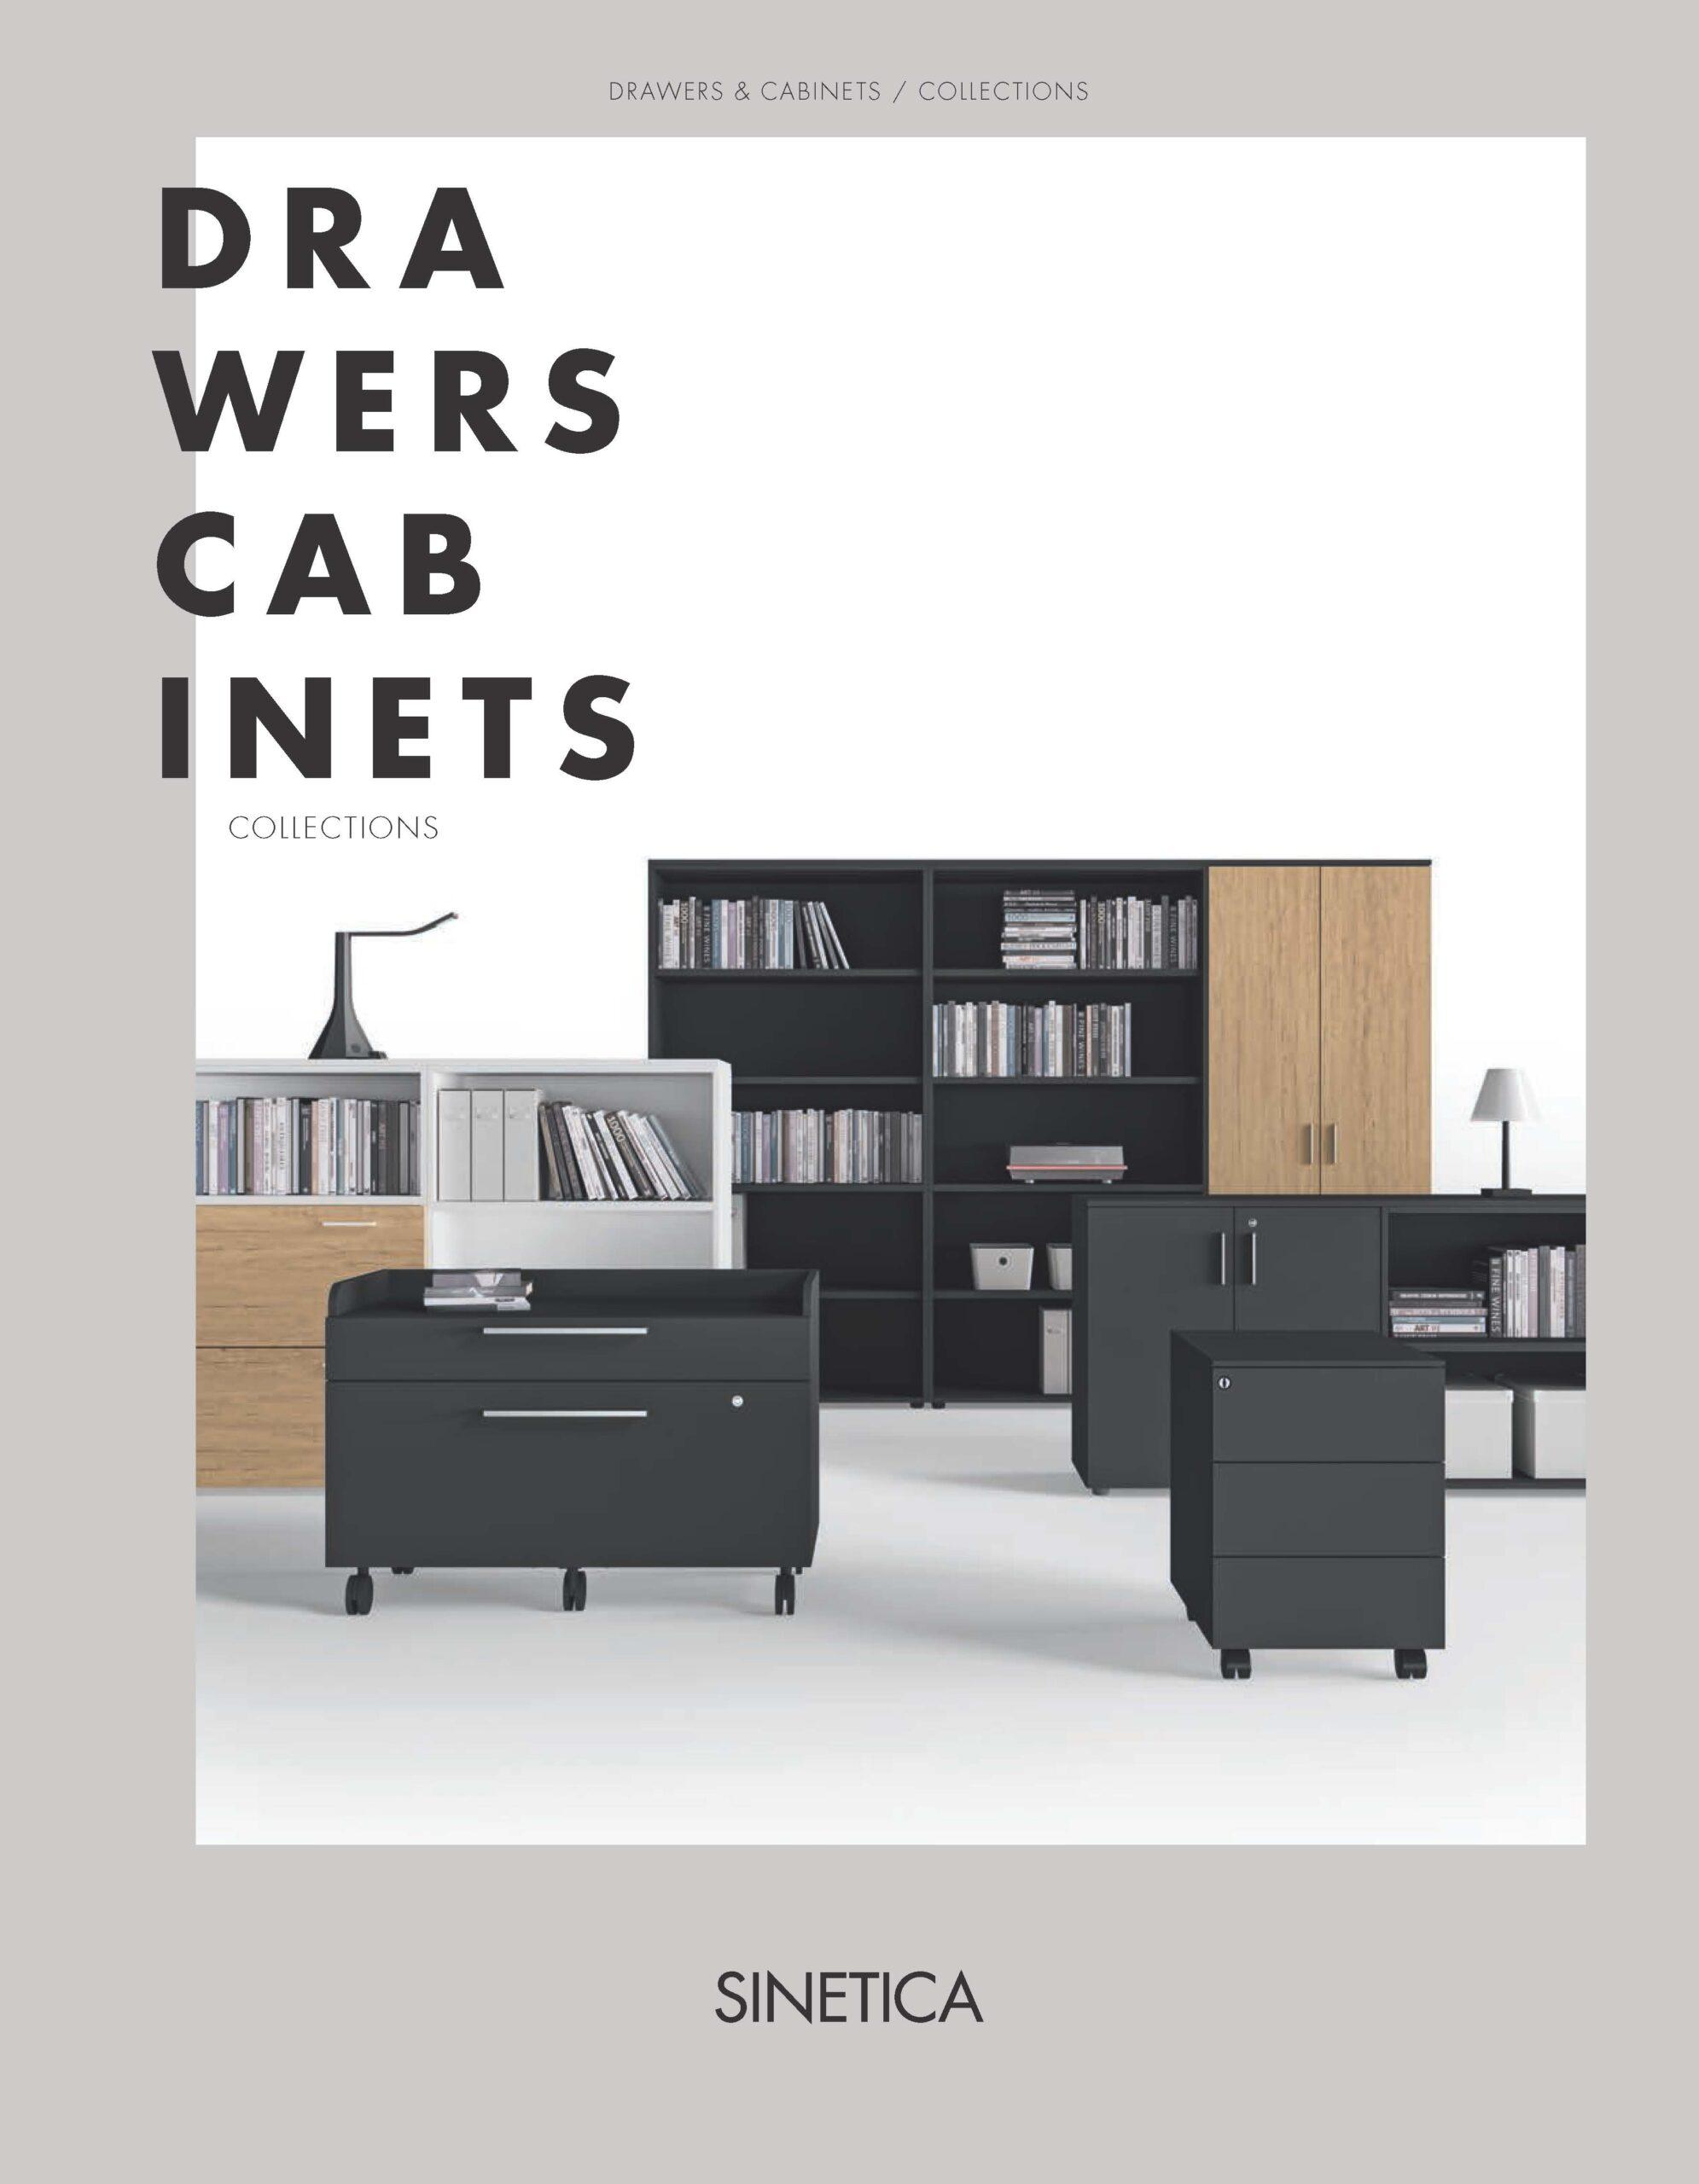 JCD Sinetica DRAWERS armoires et caissons de bureau Page 1